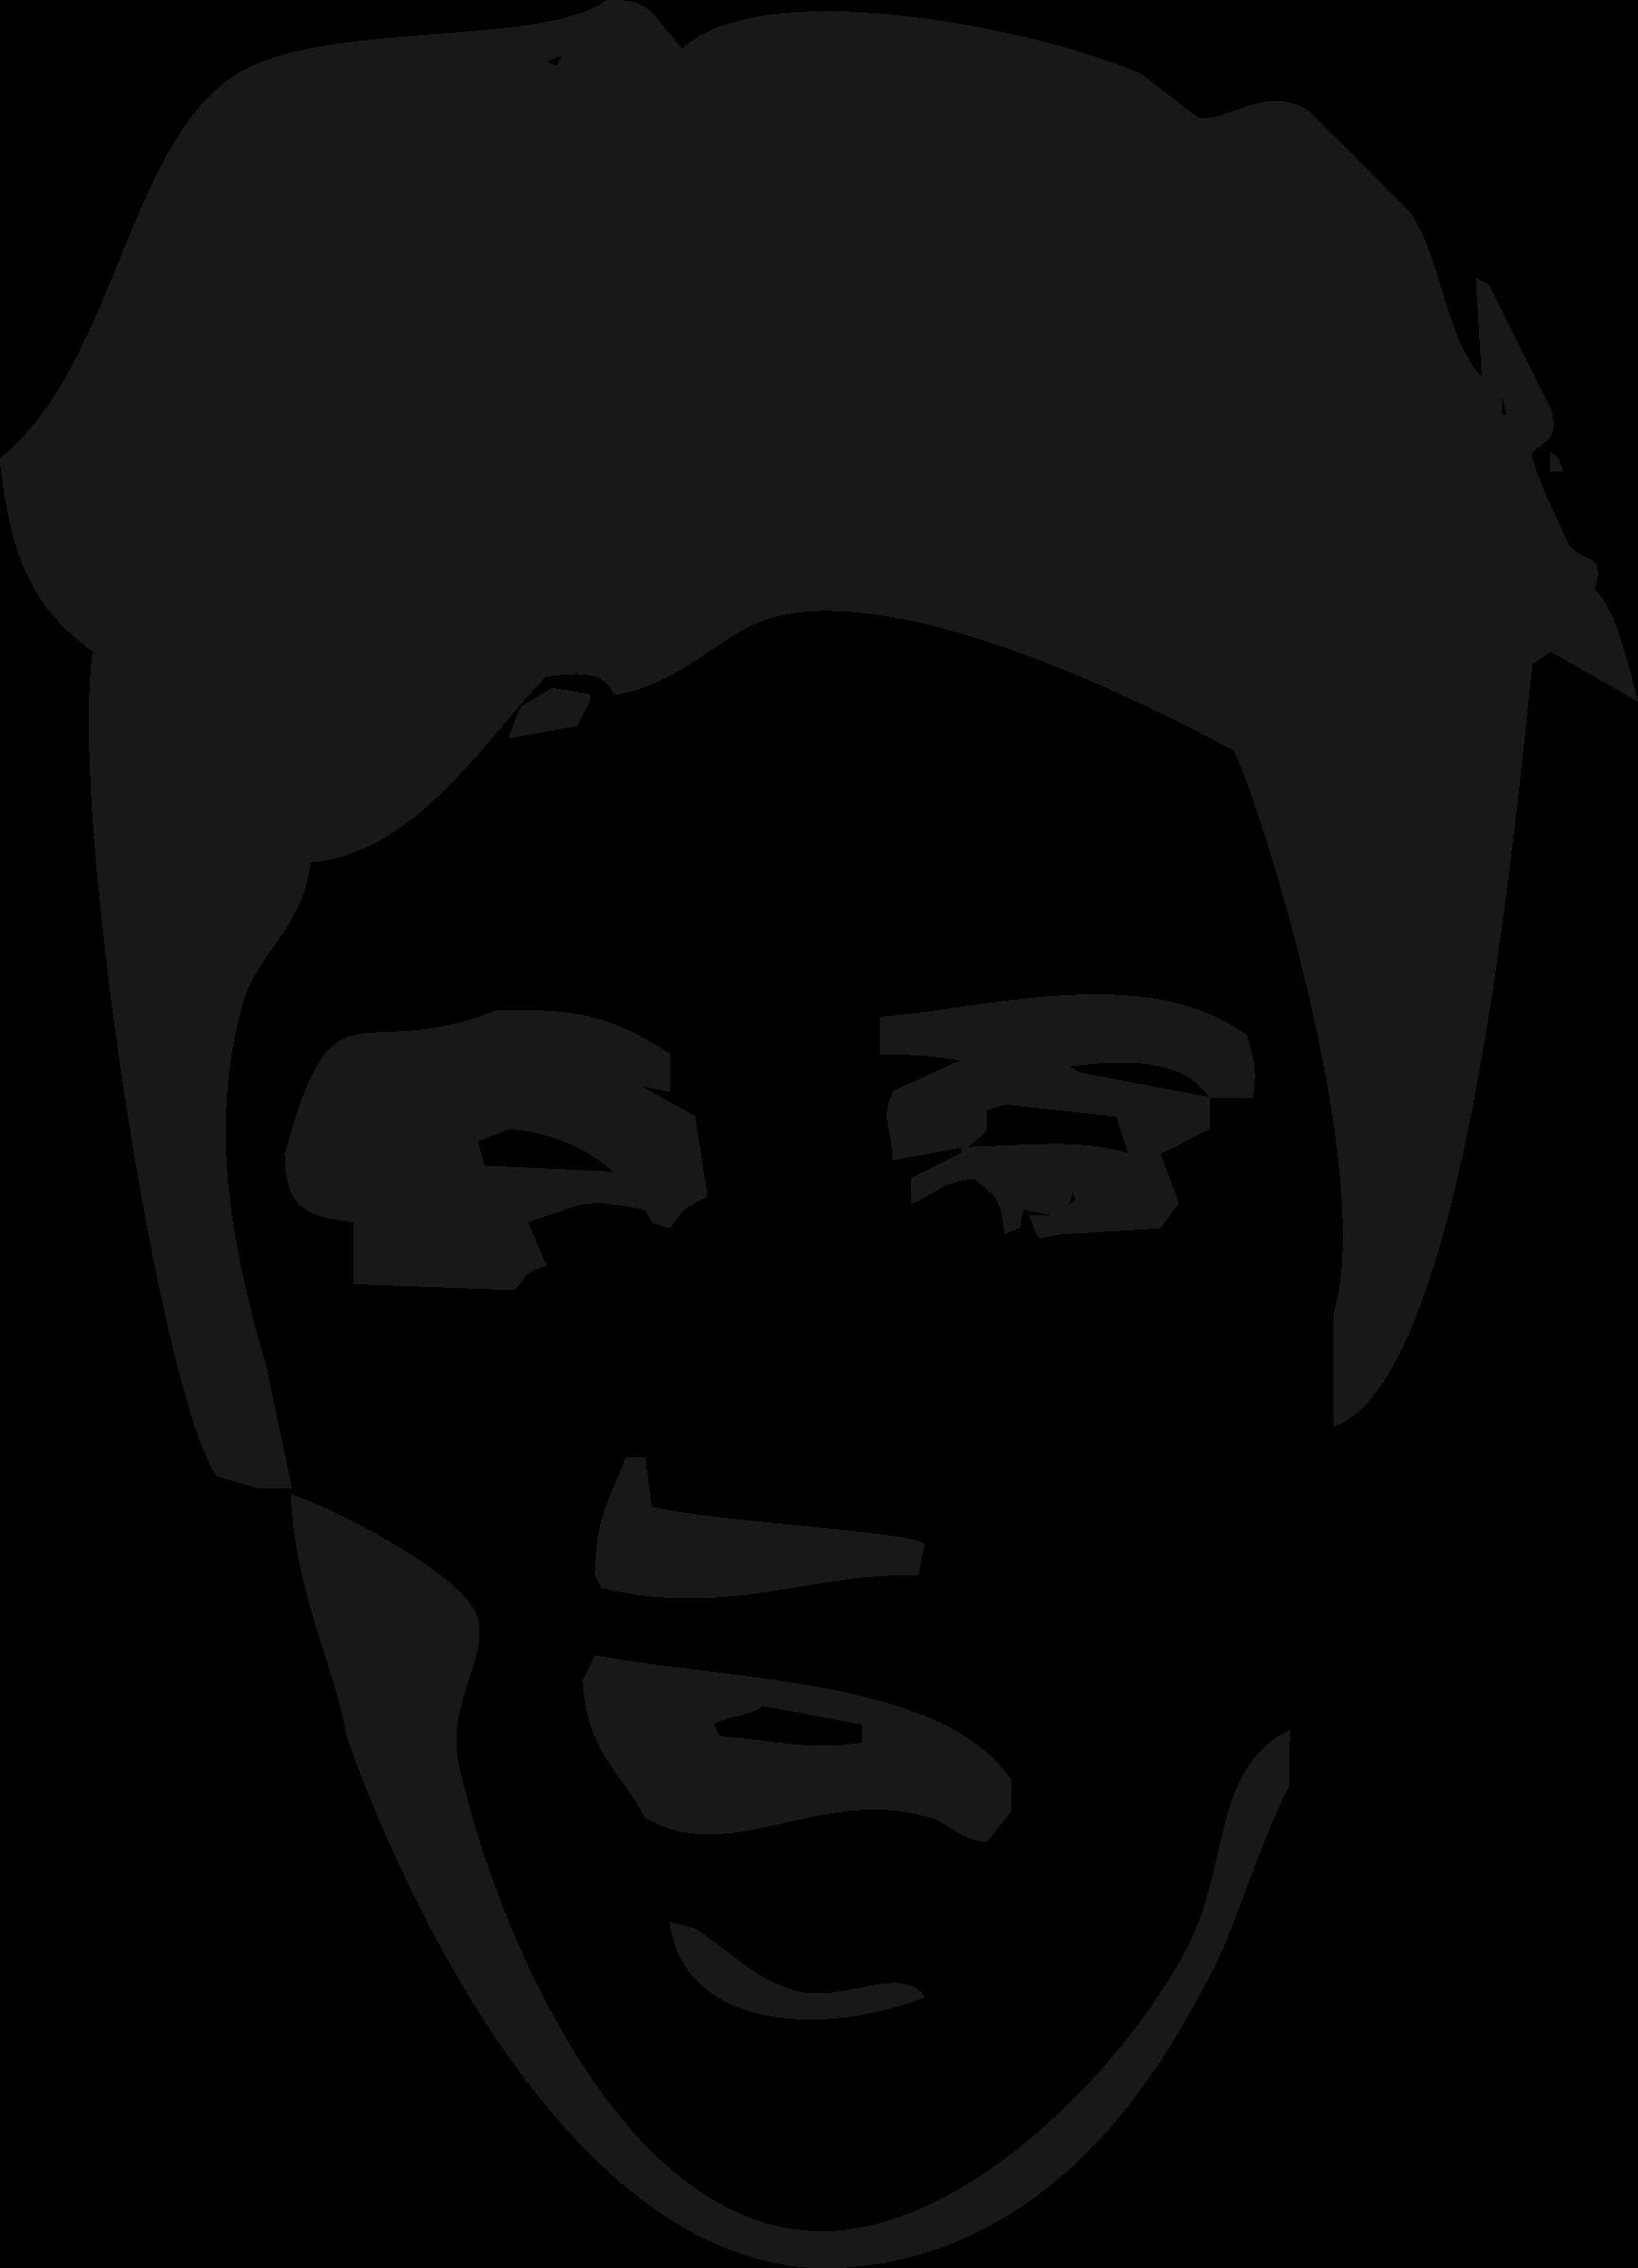 Face big image png. Elvis clipart sillouette